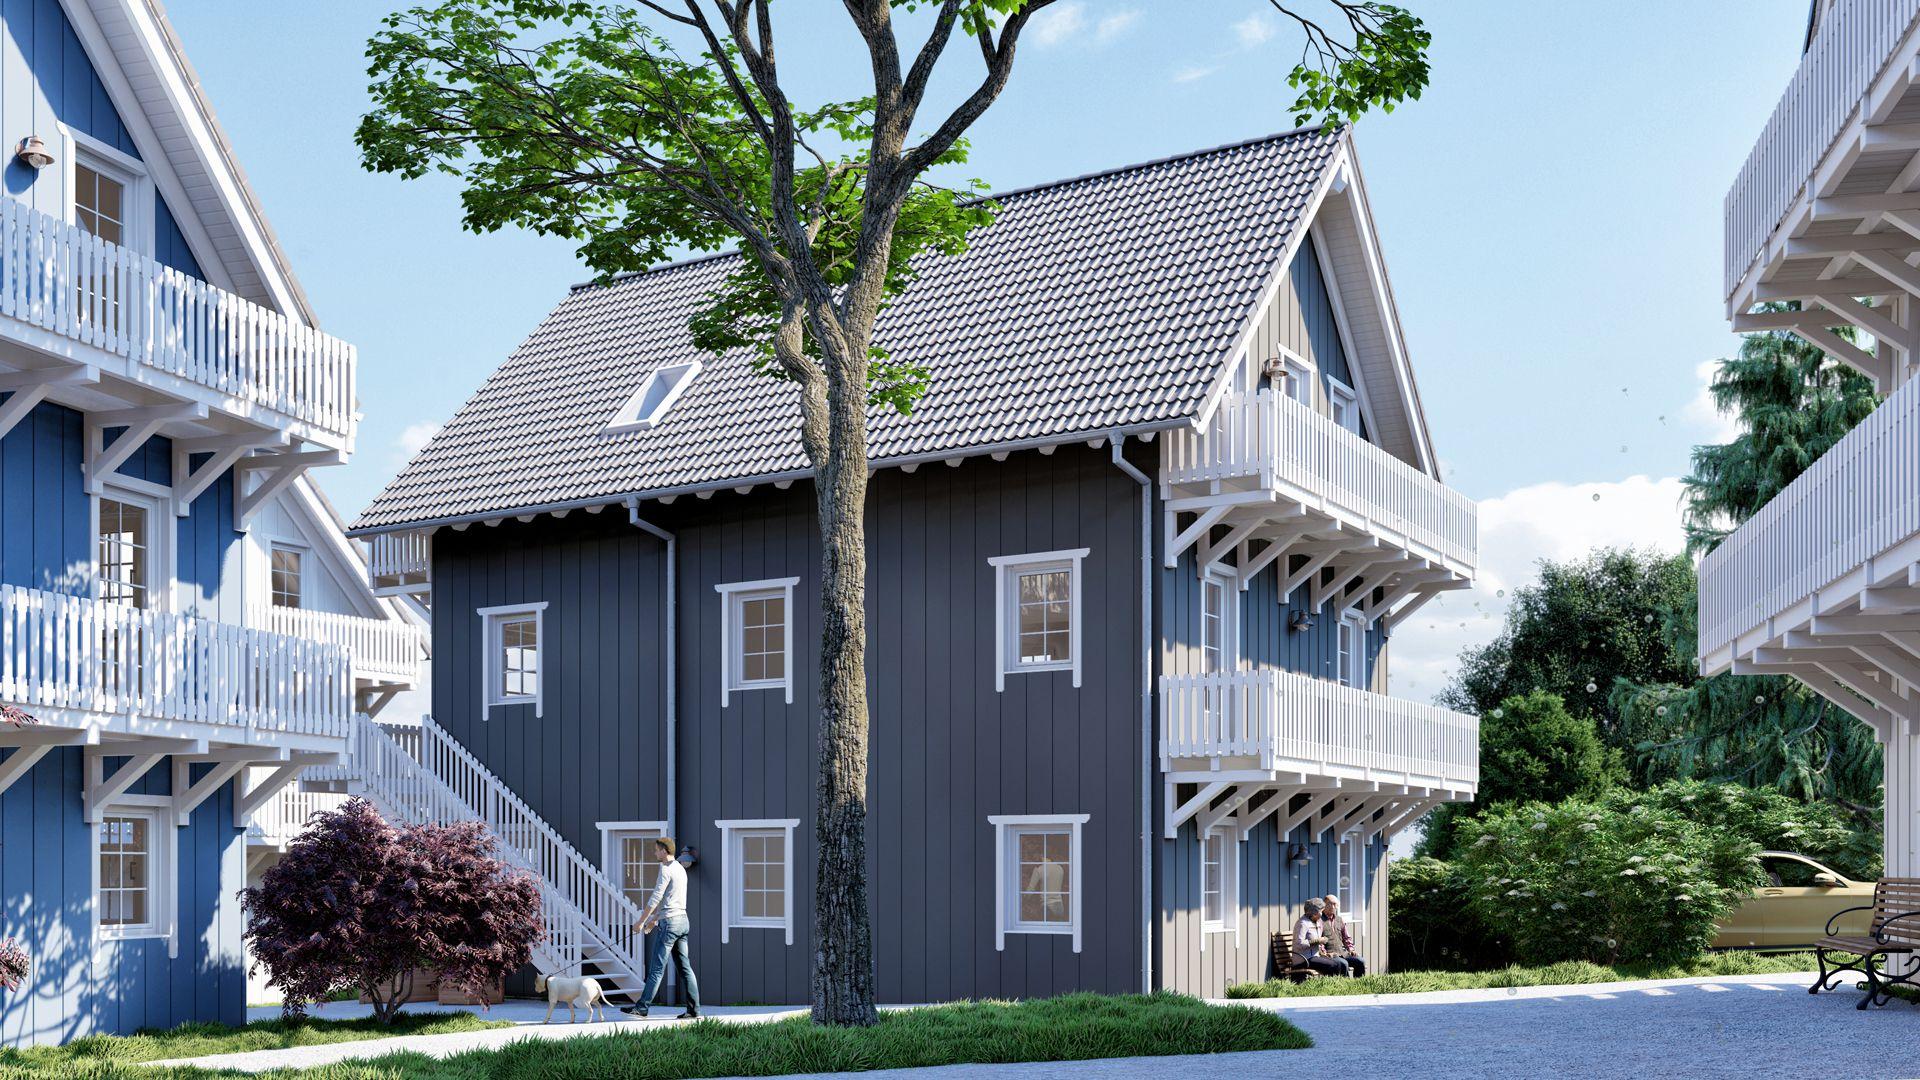 Architekturvisualisierung Ranstadt - Wohnsiedlung Exterieur 01